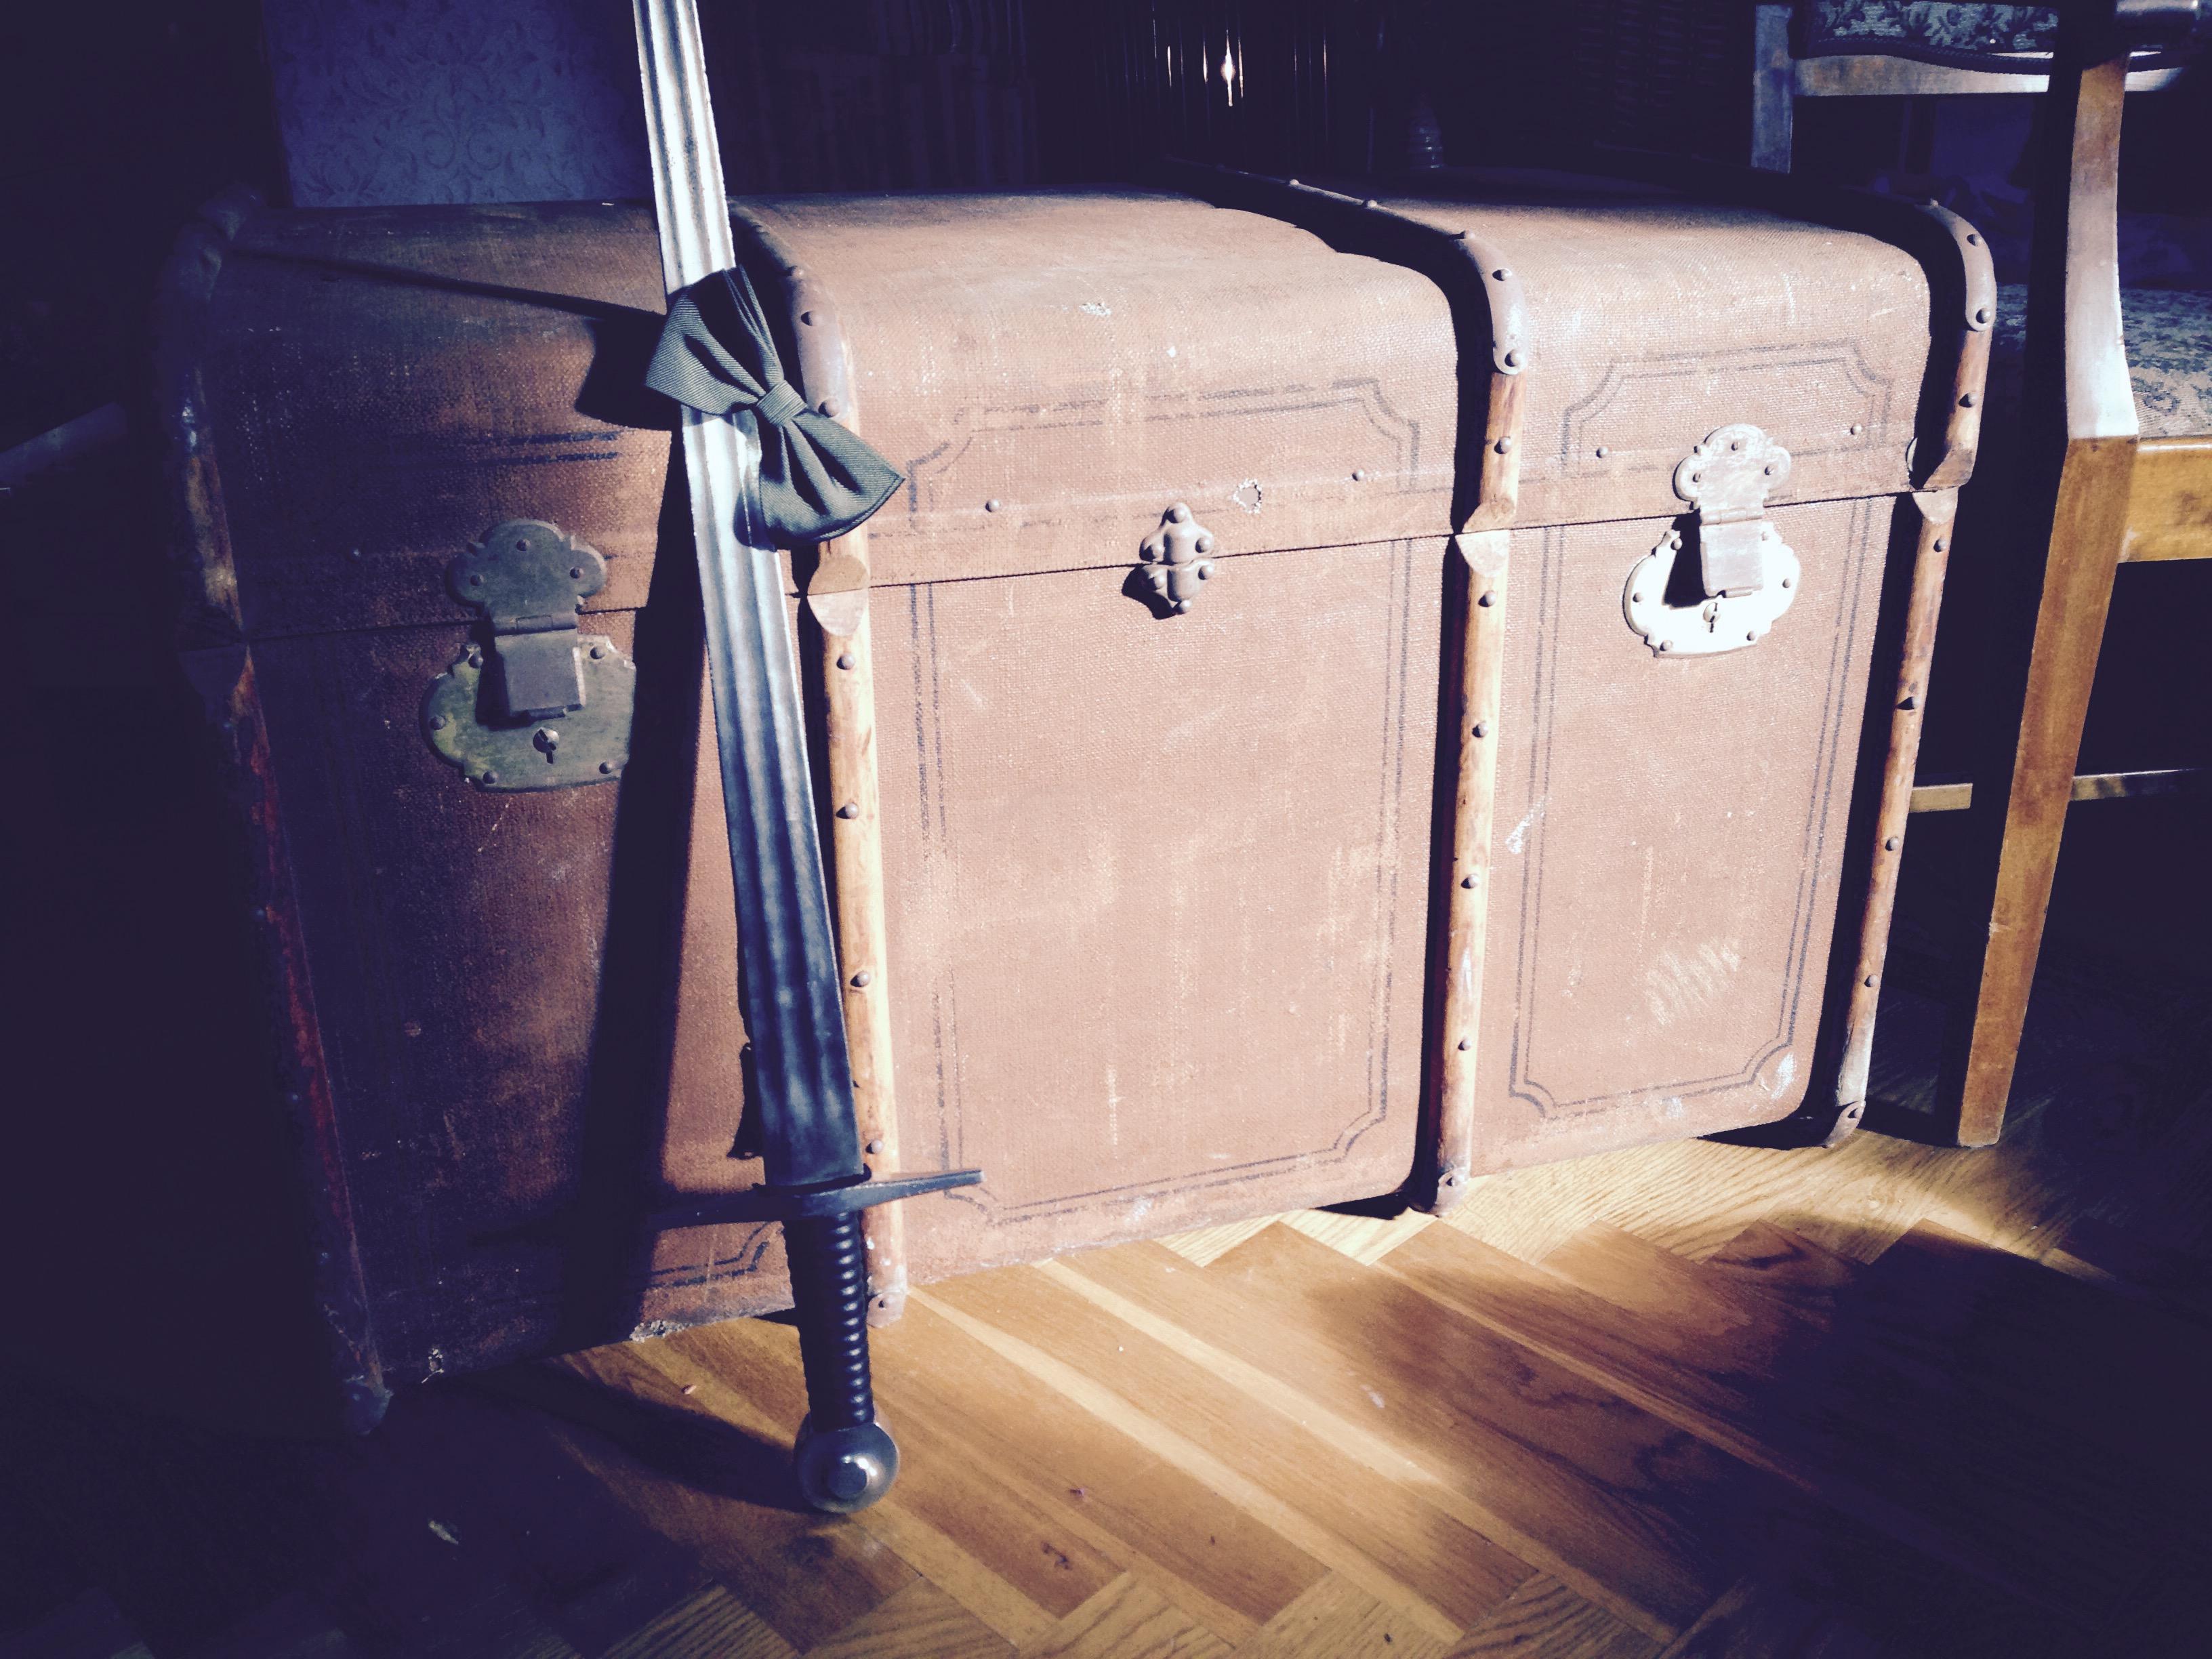 Koffert, fluga och svärd